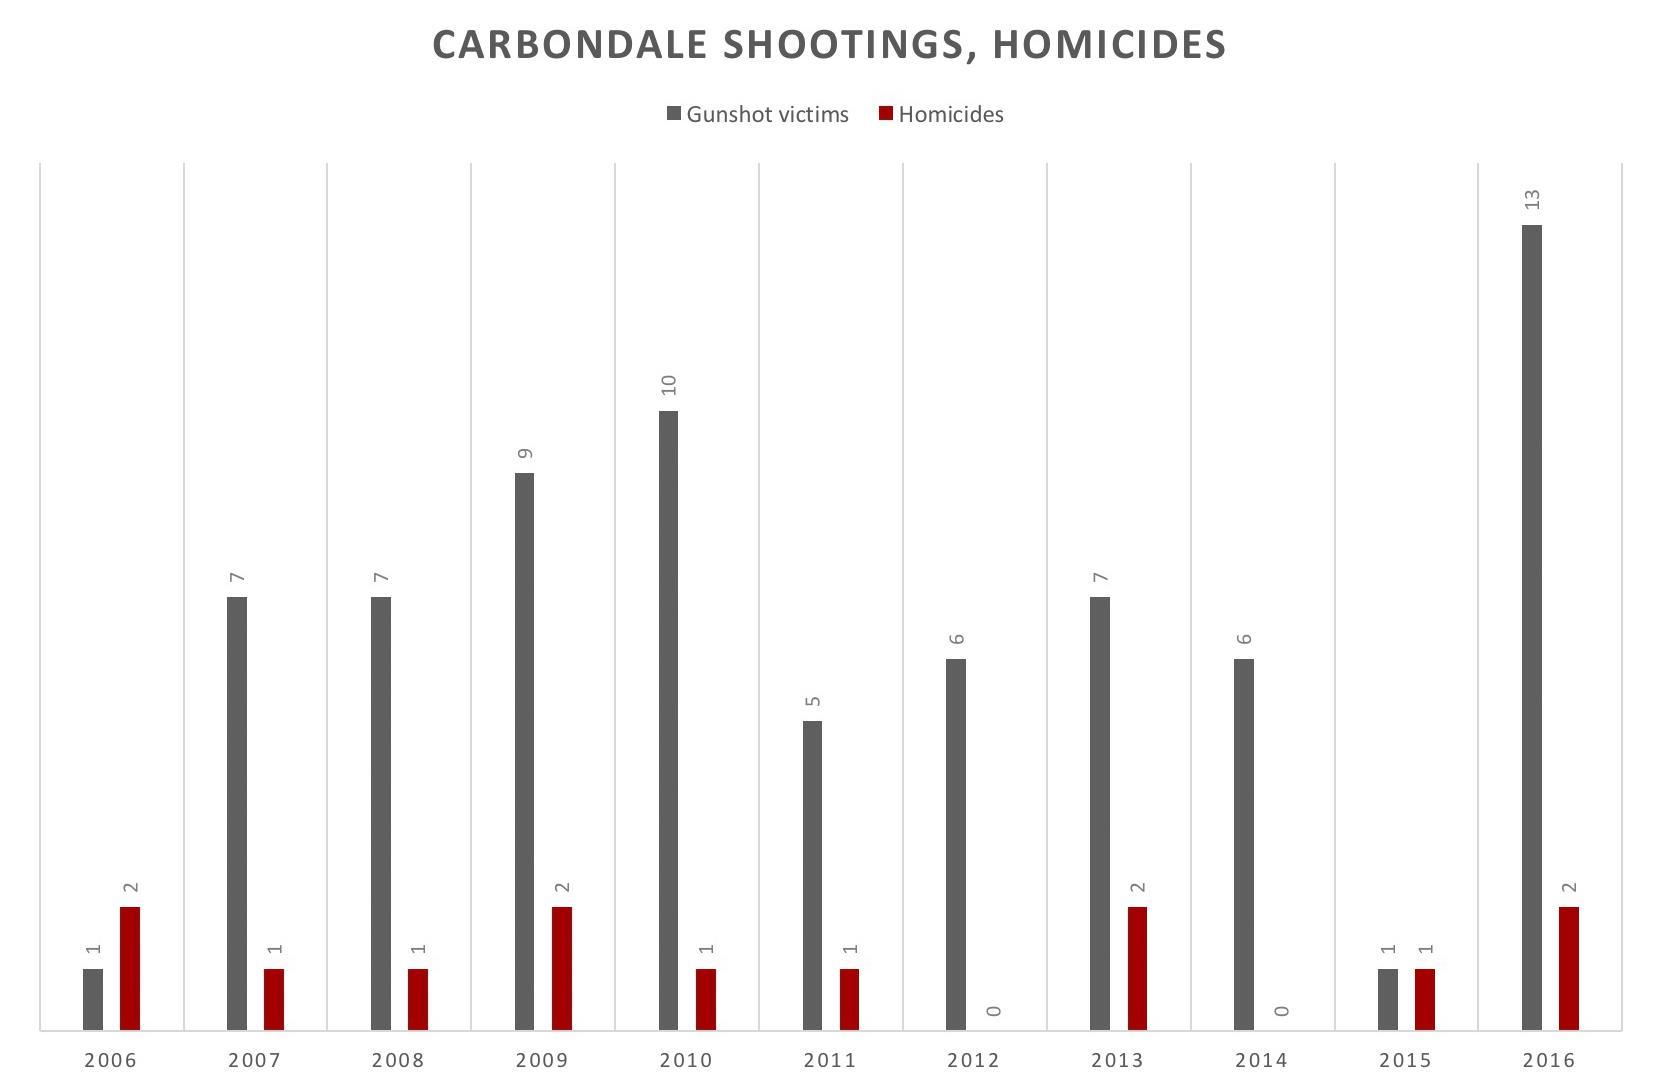 Carbondale gunshot victims, homicides